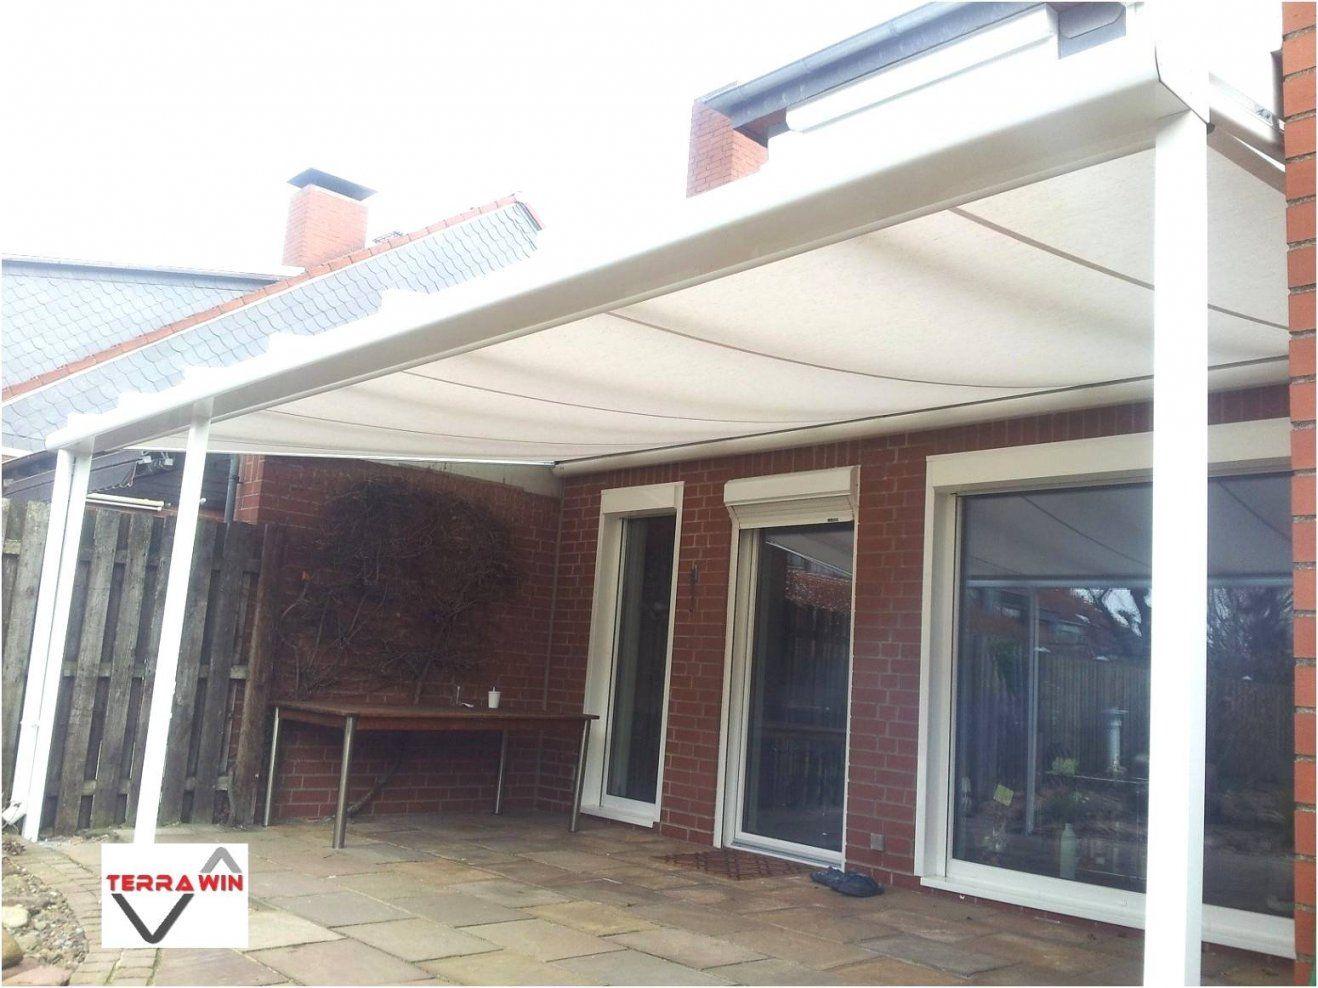 Sonnensegel Sichtschutz Tolle 40 Sonnensegel Balkon Ohne Bohren von Sonnensegel Balkon Ohne Bohren Bild